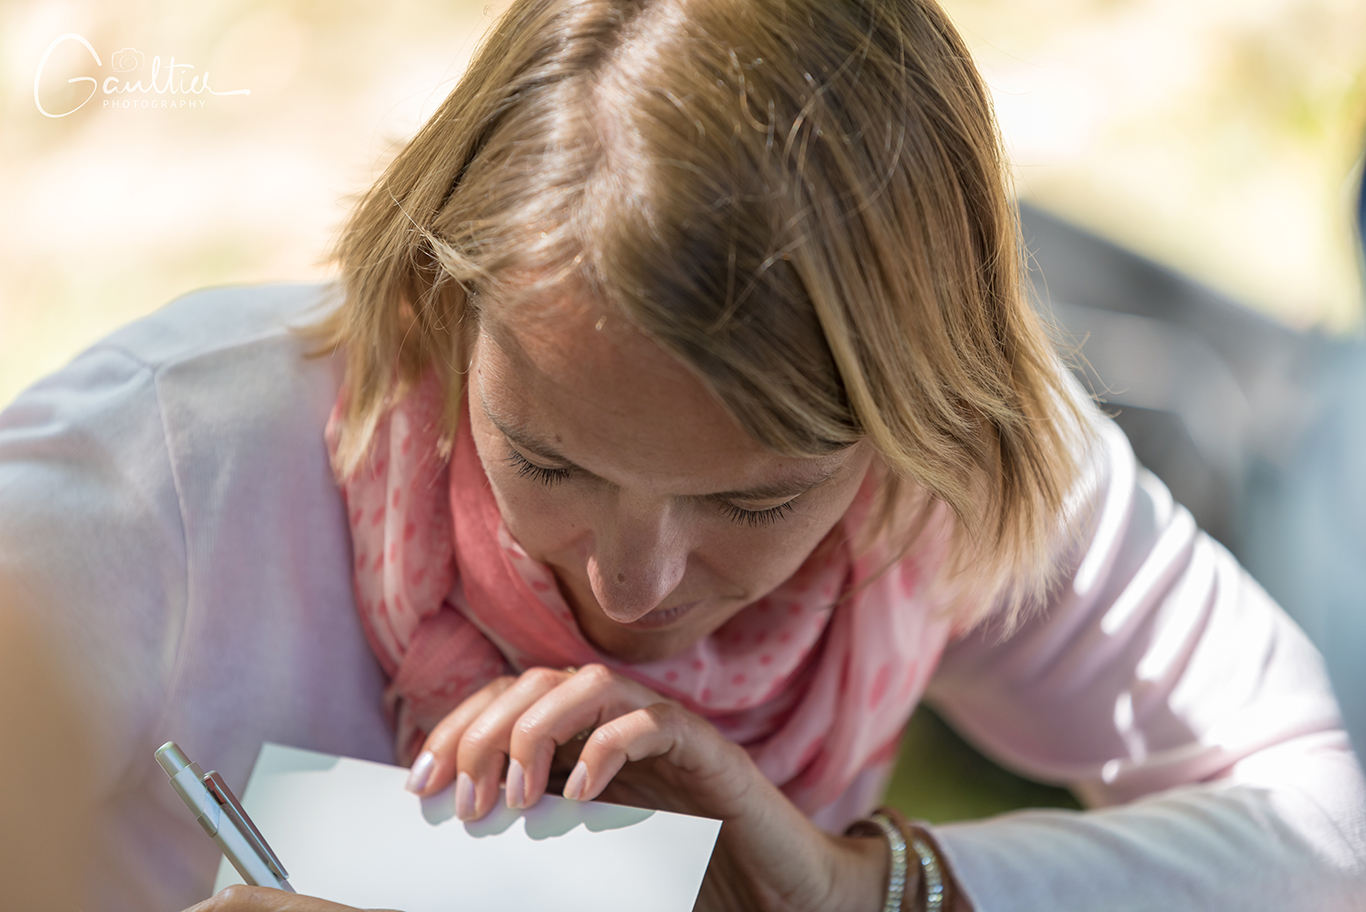 L'écrivain Emilie Le Boulaire